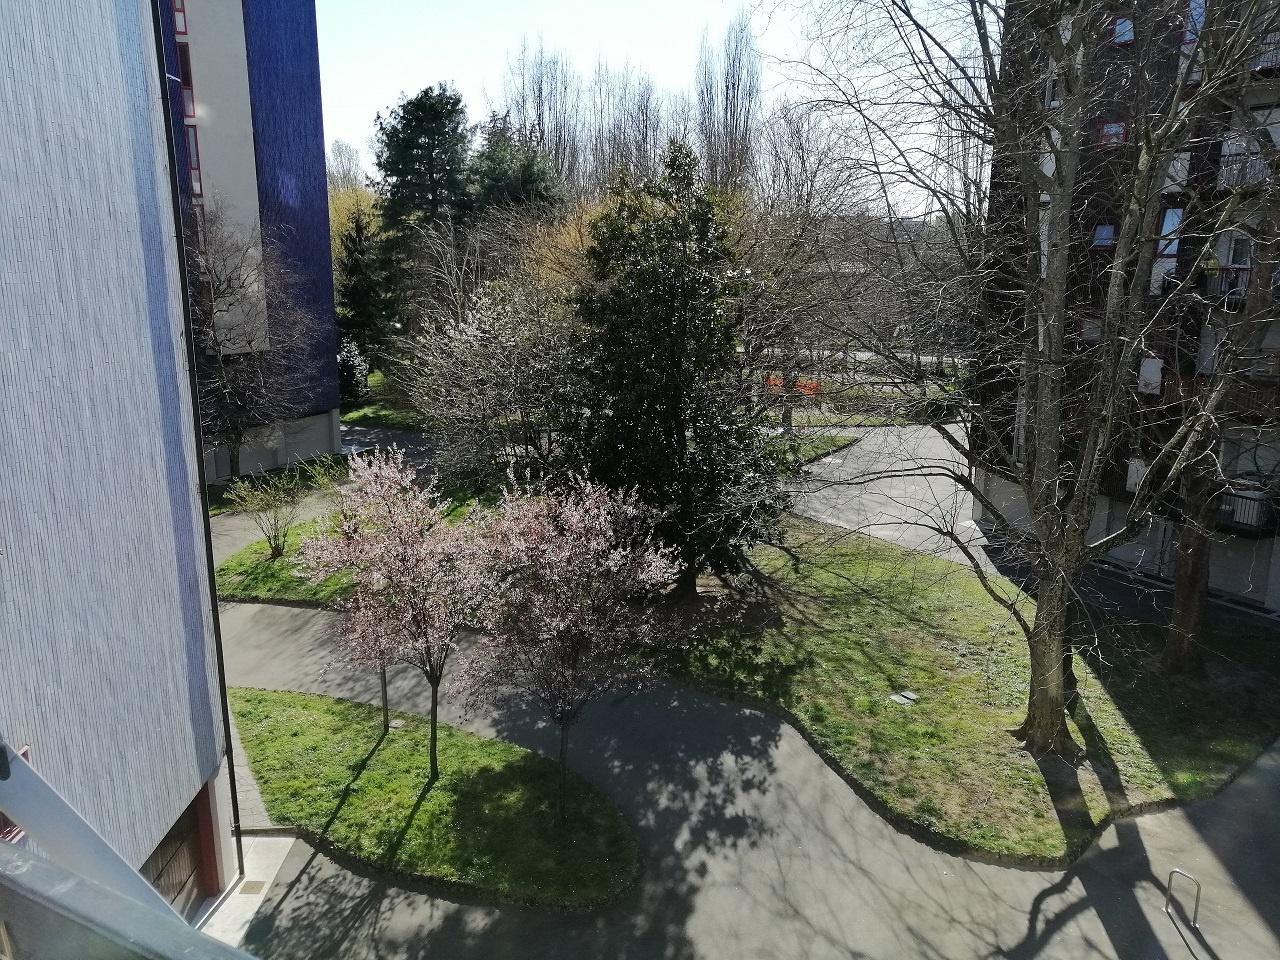 appartamenti-in-vendita-milano-baggio-2-locali-via-valle-antrona-8-spaziourbano-immobiliare-vene-13